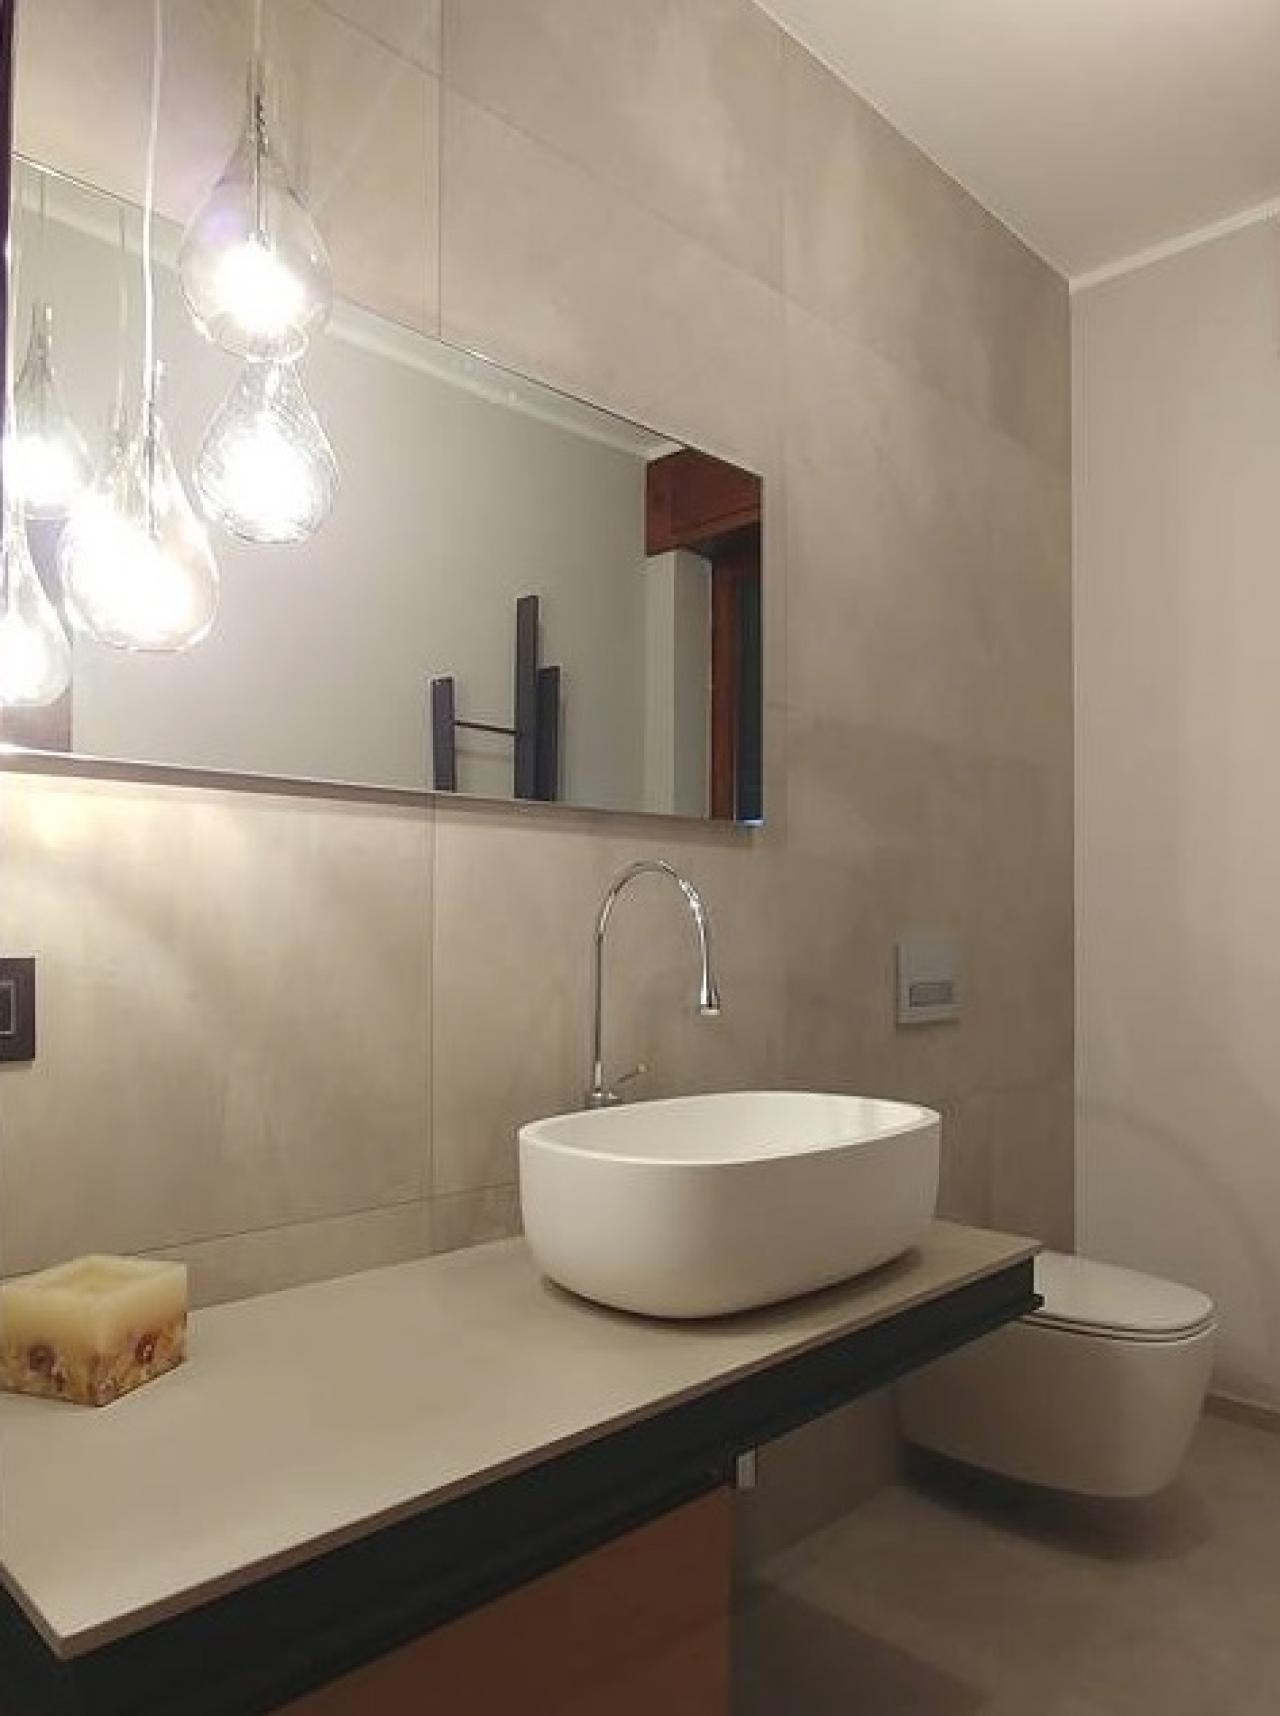 Stili bagno guida fotografica per scegliere arredi e for Foto bagni minimal